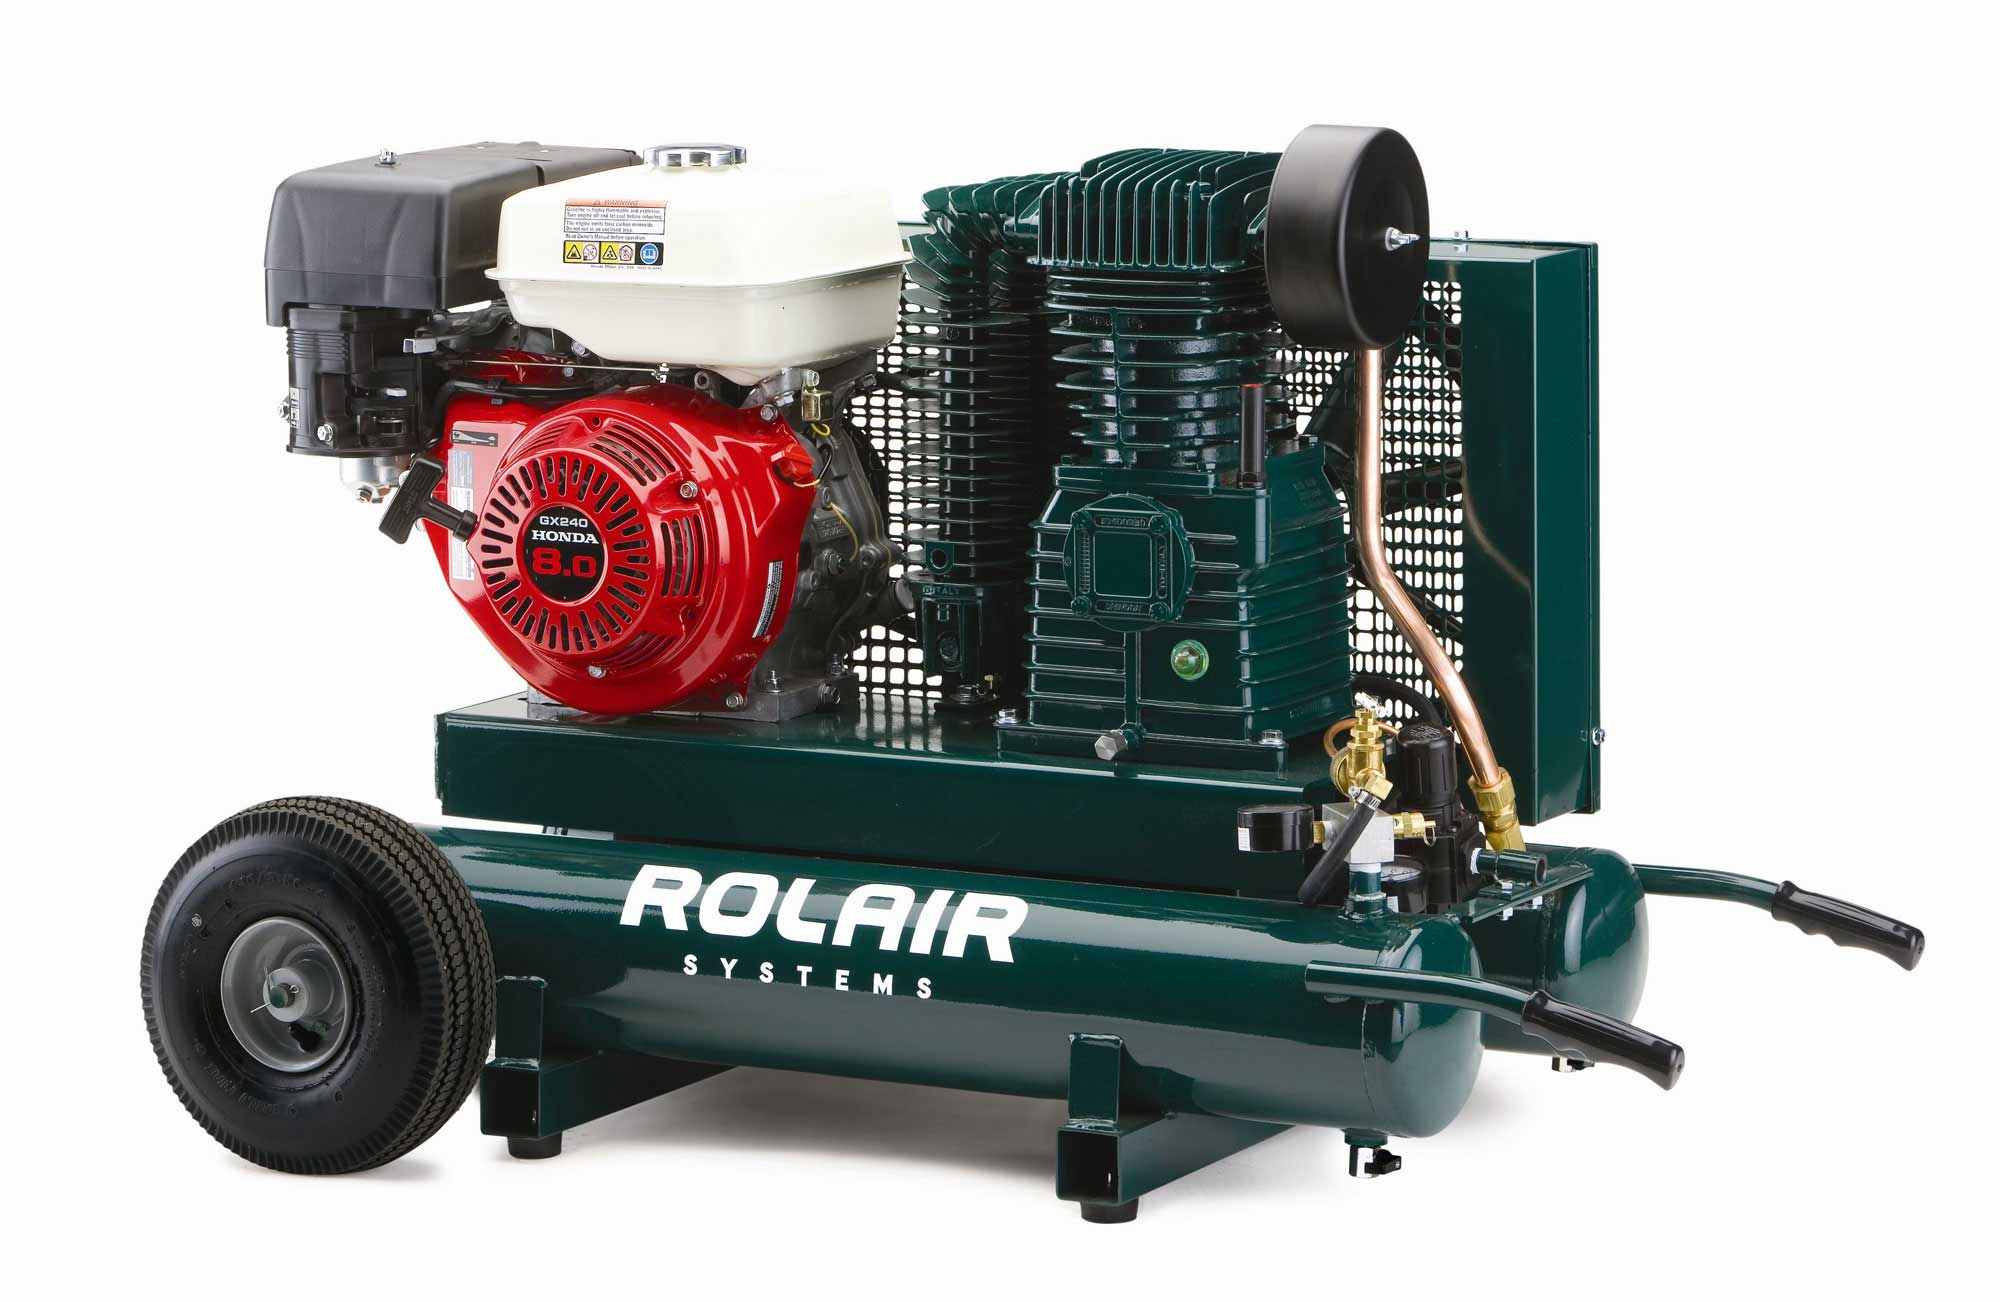 Rolair 9 HP 9 Gallon Gas Portable Air Compressor w/Honda Engine